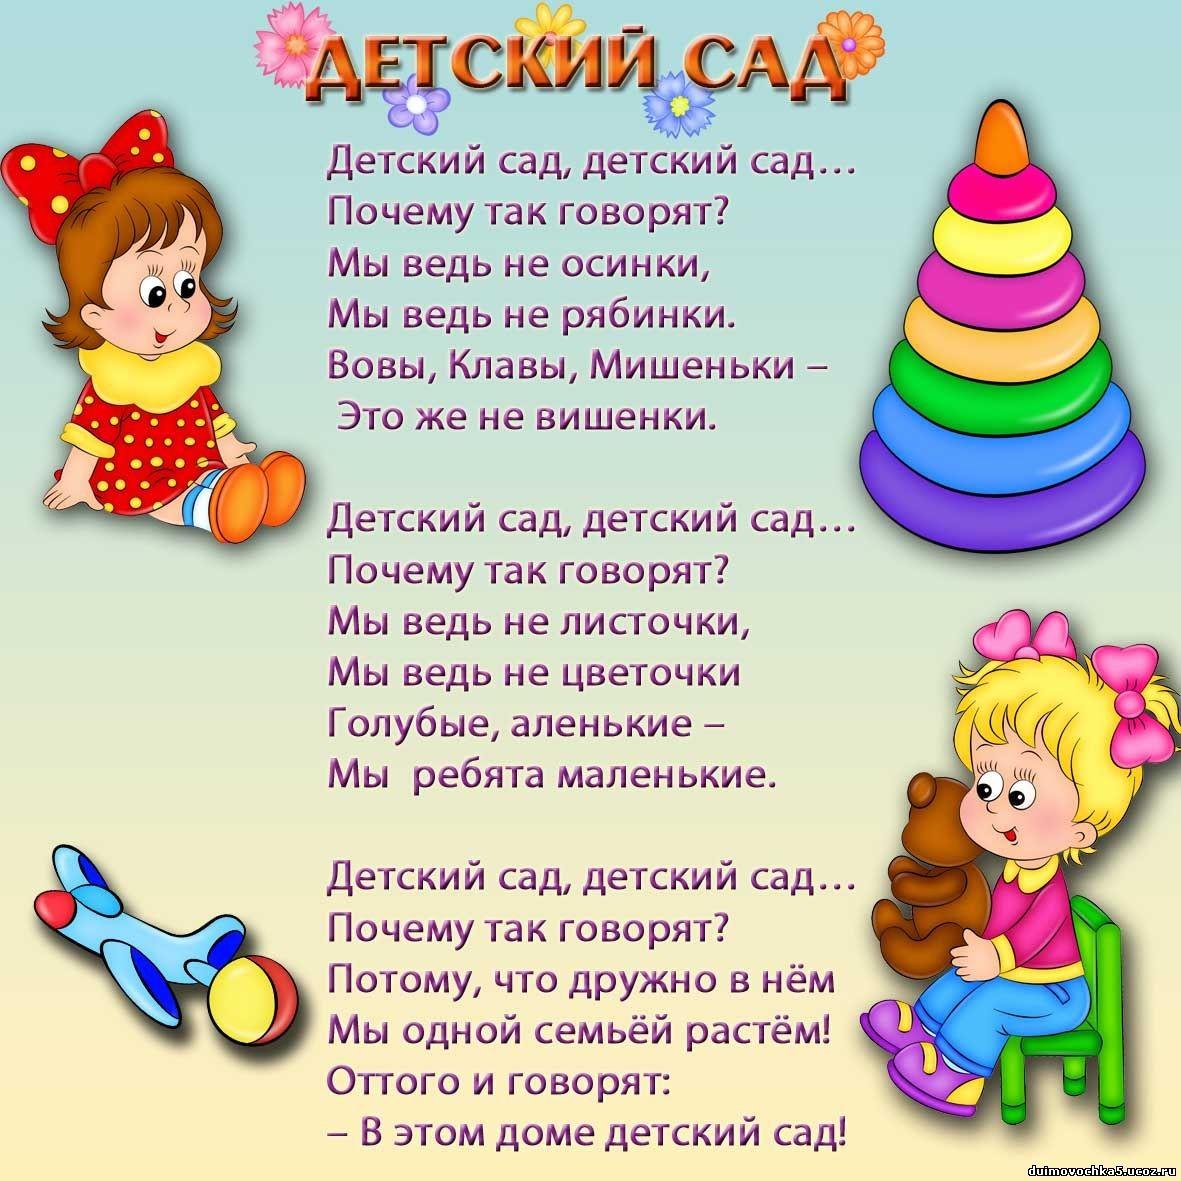 Оформление фото с стихами о детях